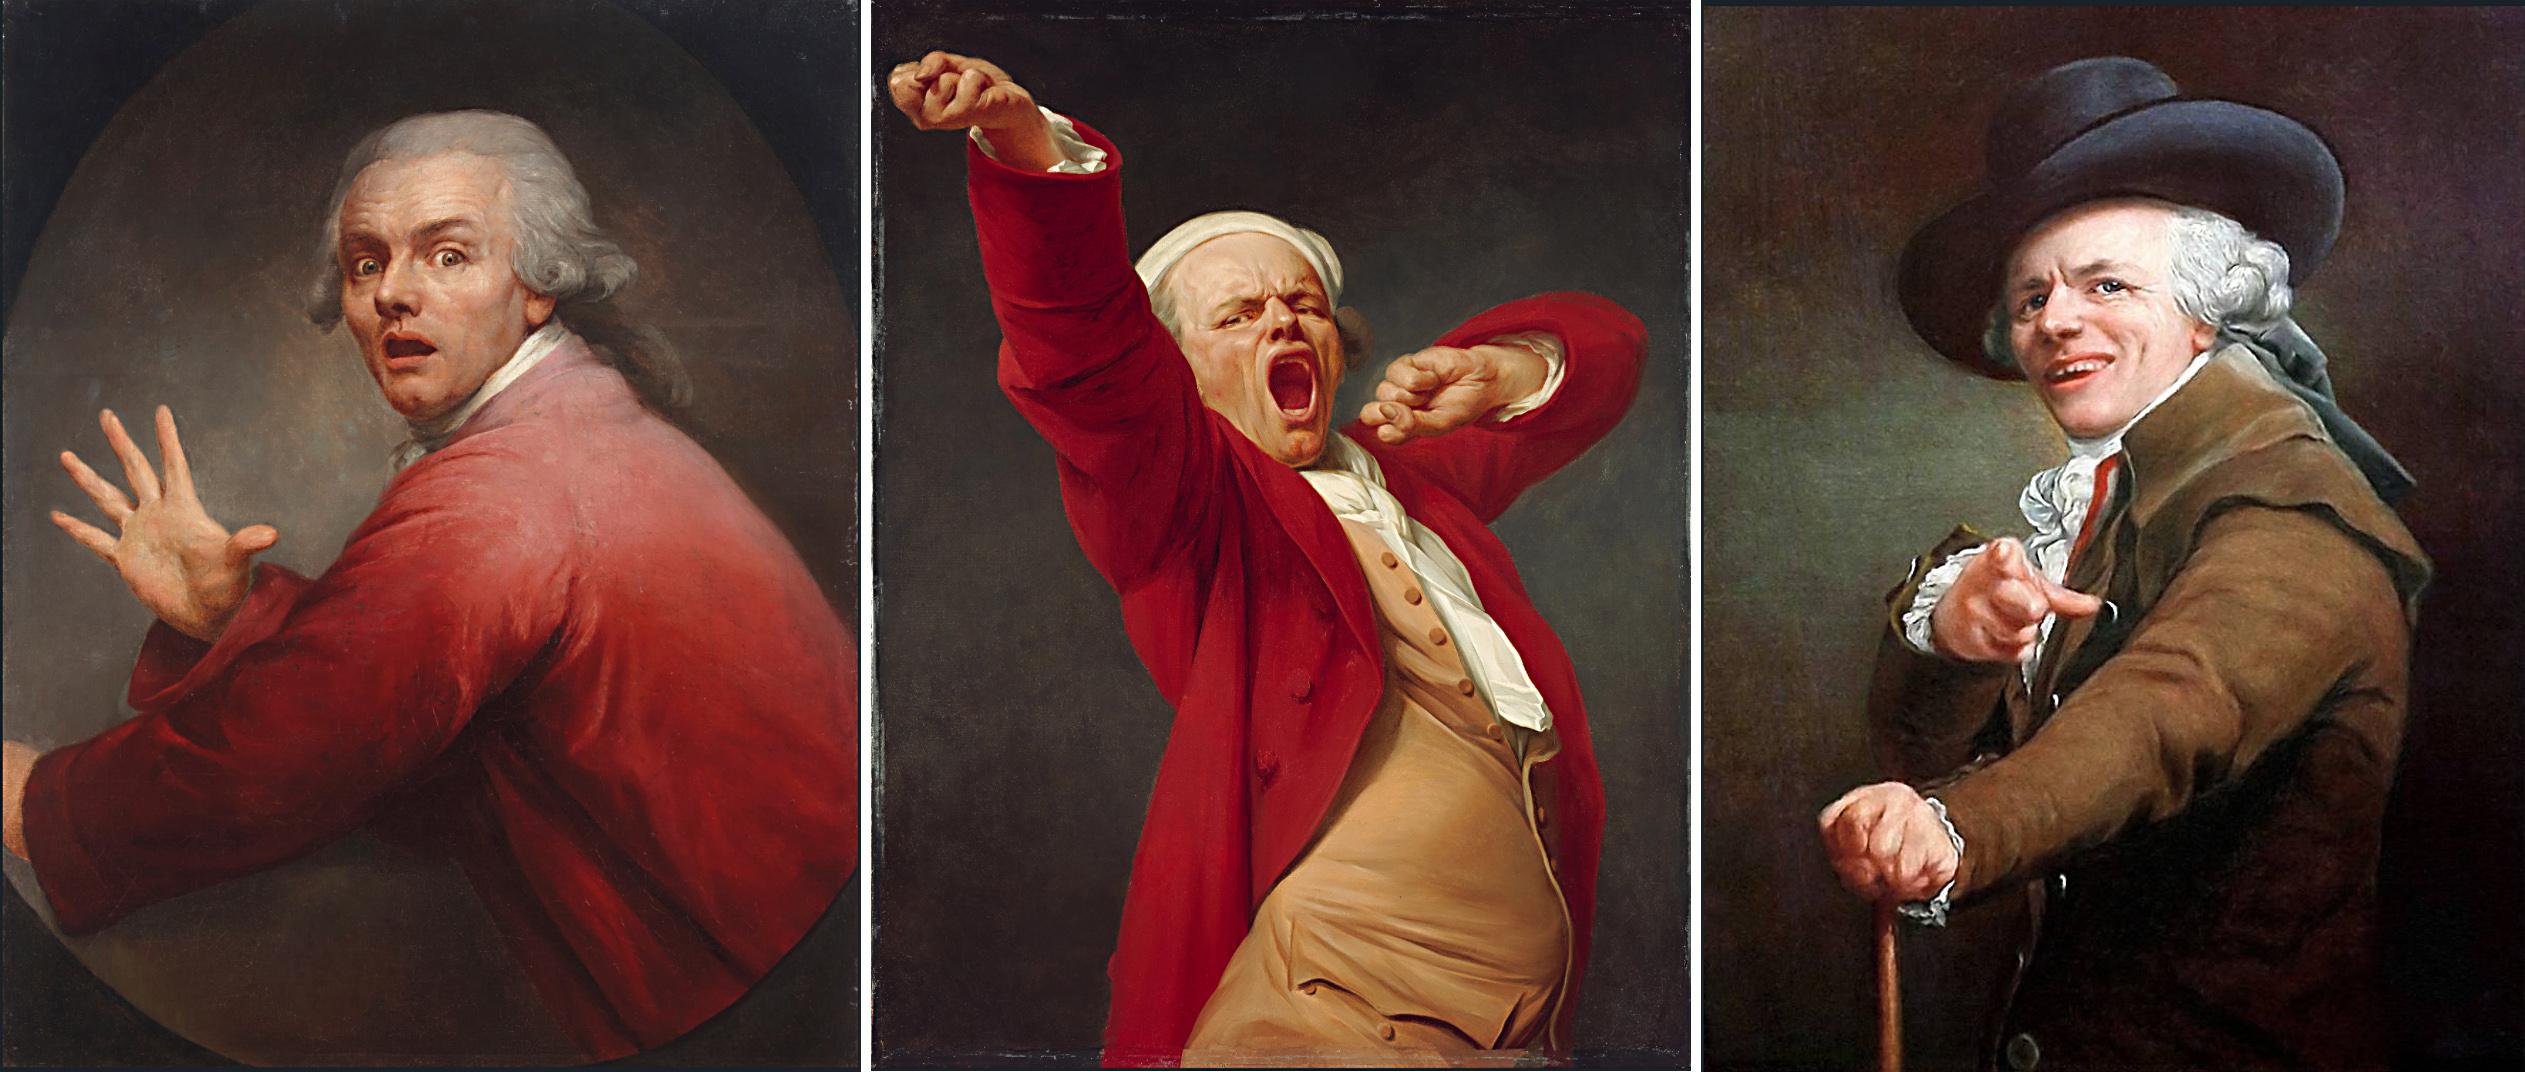 СЕЛФИ XVIII ВЕКА: Как художник Жозеф Дюкрё эмоциональные картины писал